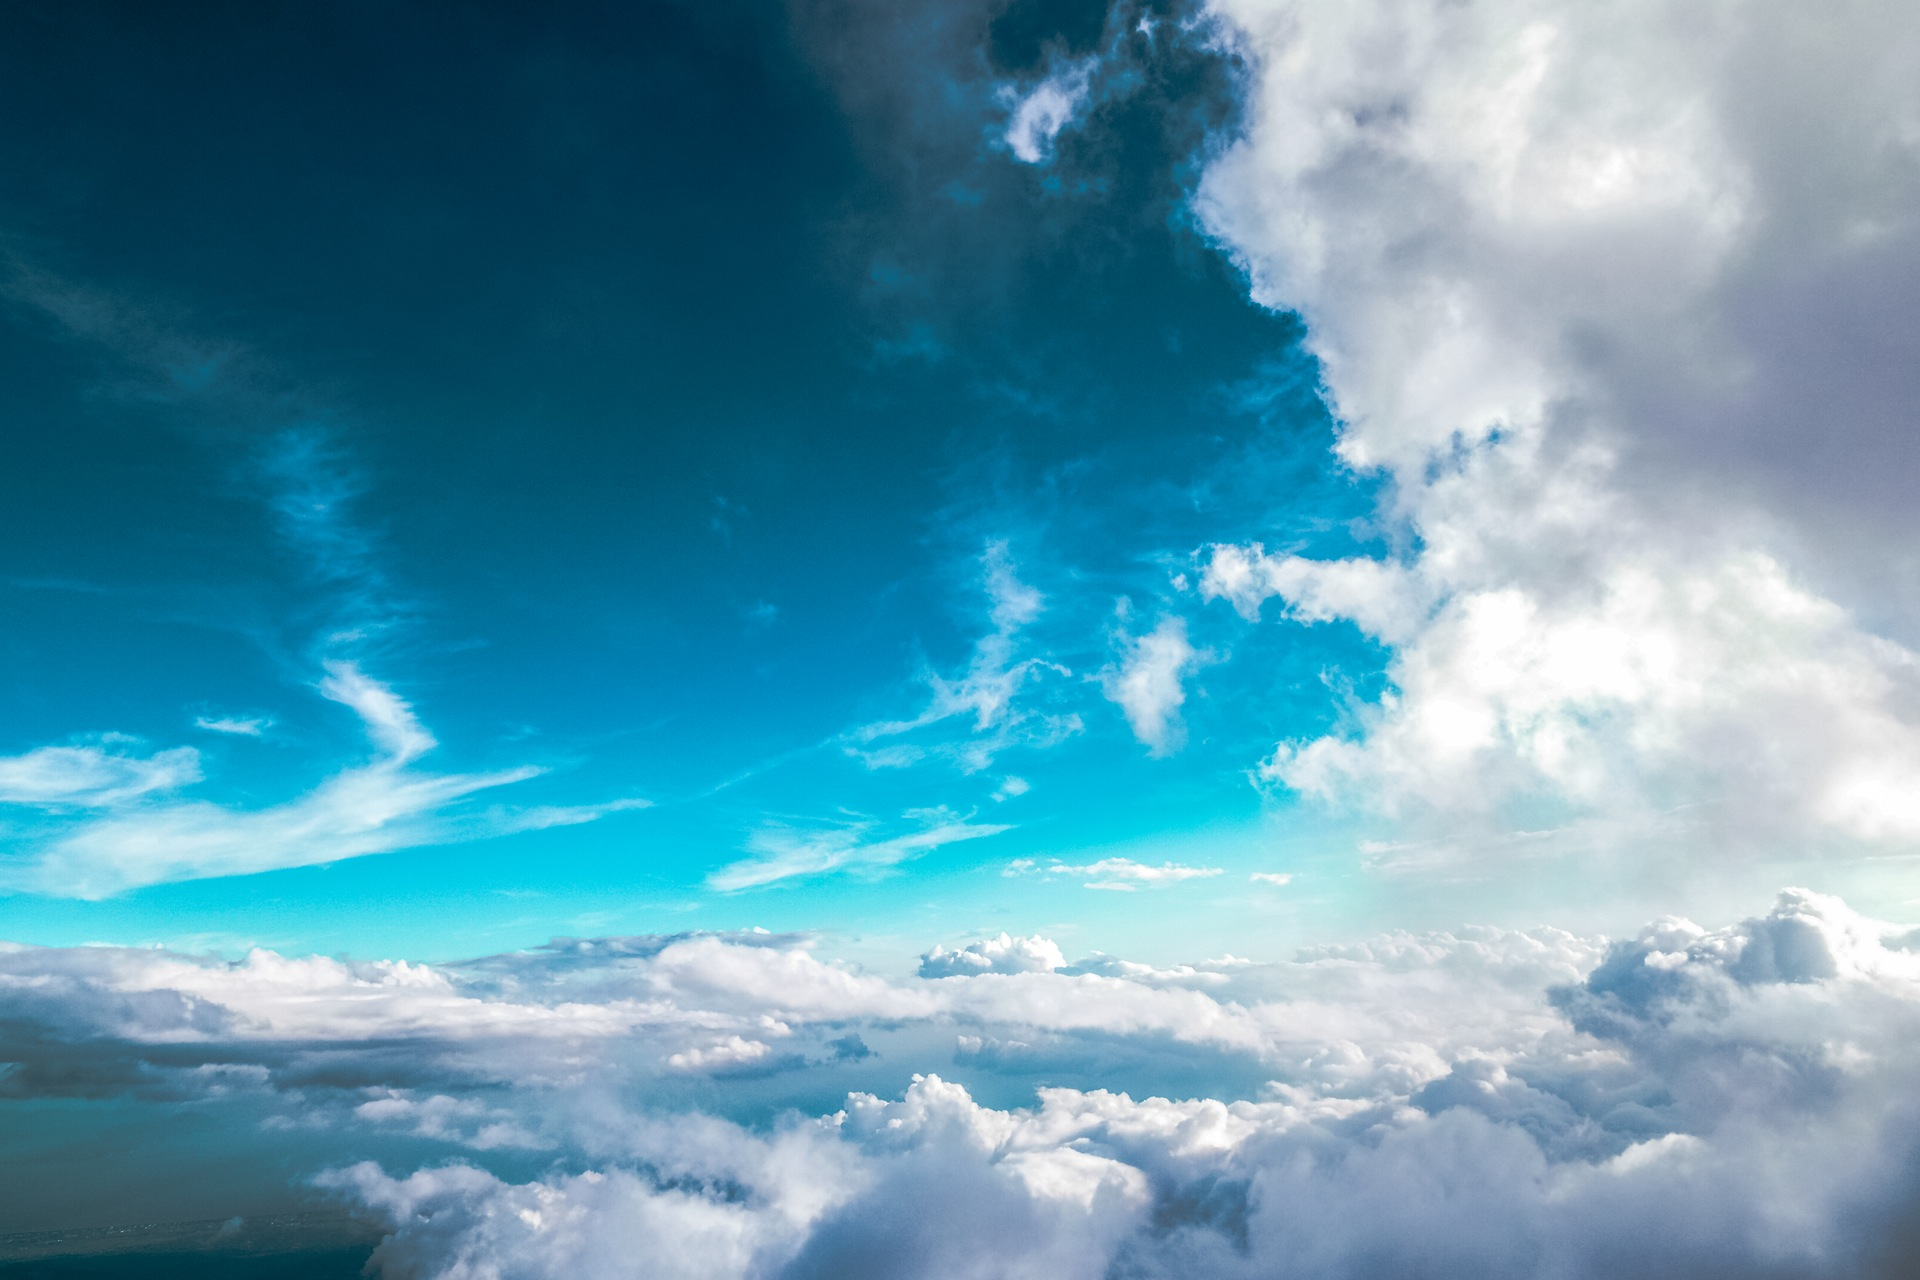 Небо, Муха, облака, Синий, расслабиться, мир, спокойствие - Обои HD - Профессор falken.com